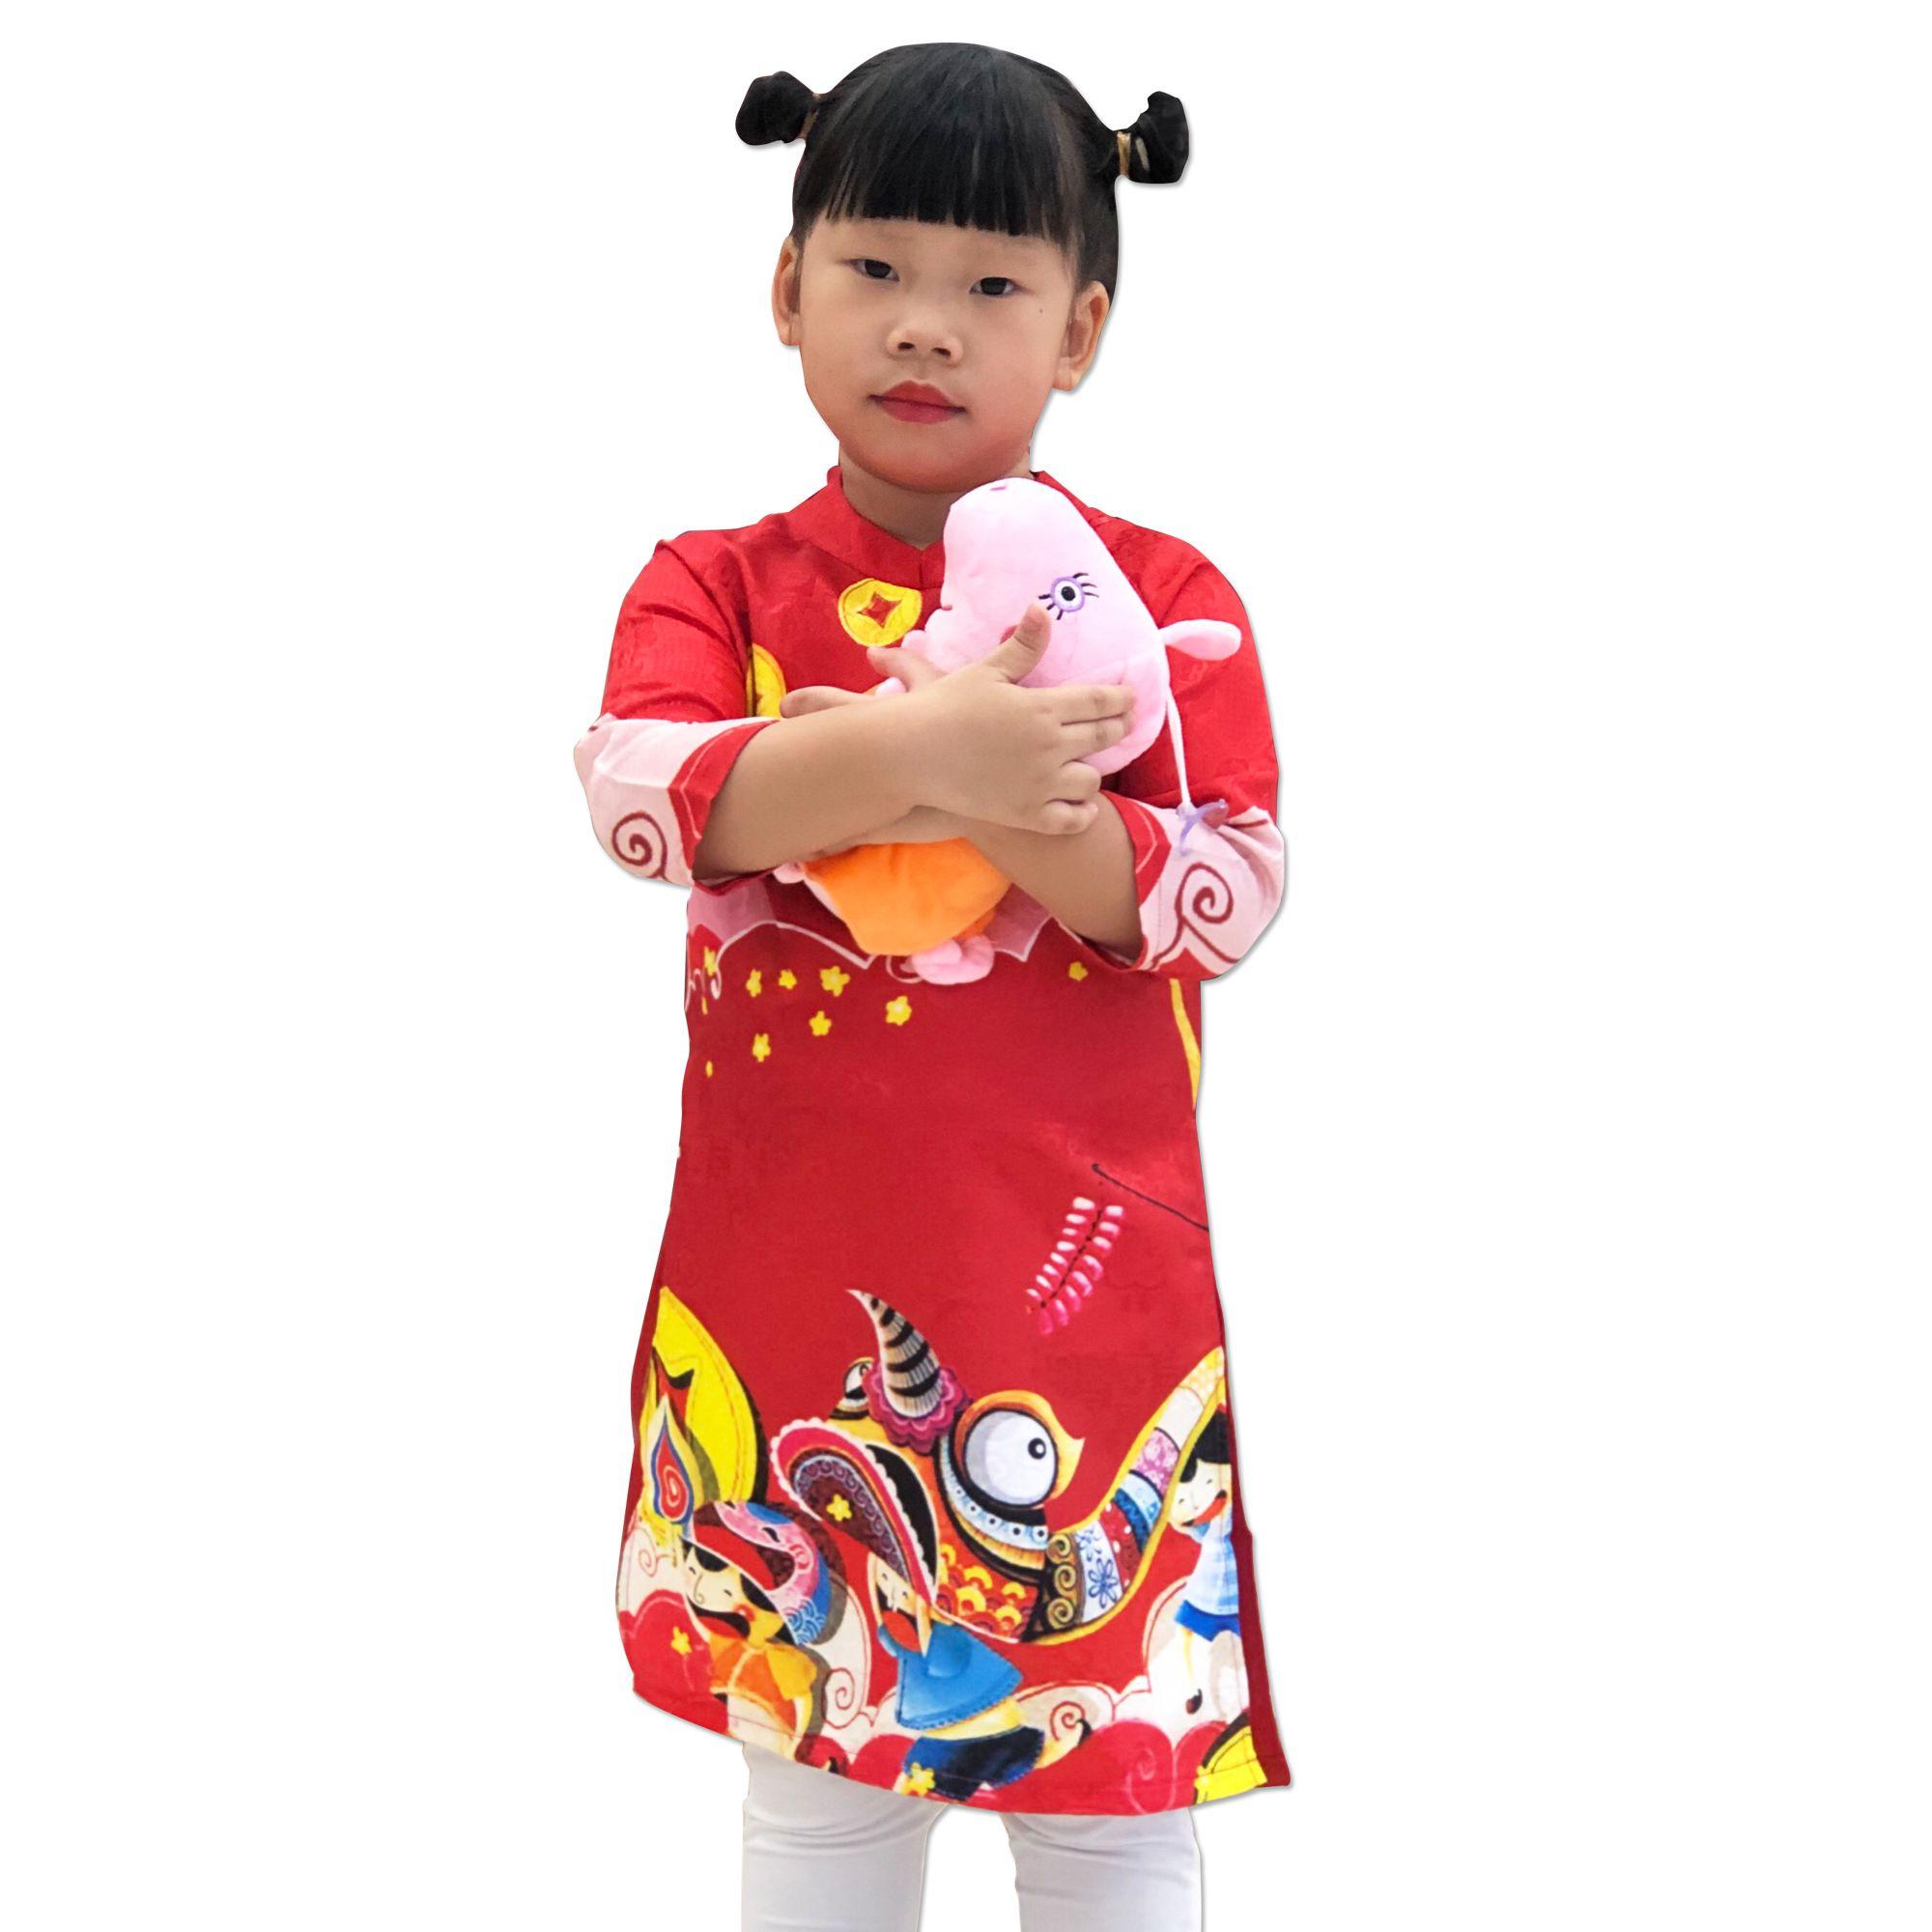 Sét áo dài cách tân bé gái họa tiết tết màu đỏ kèm quần (2-14 tuổi)